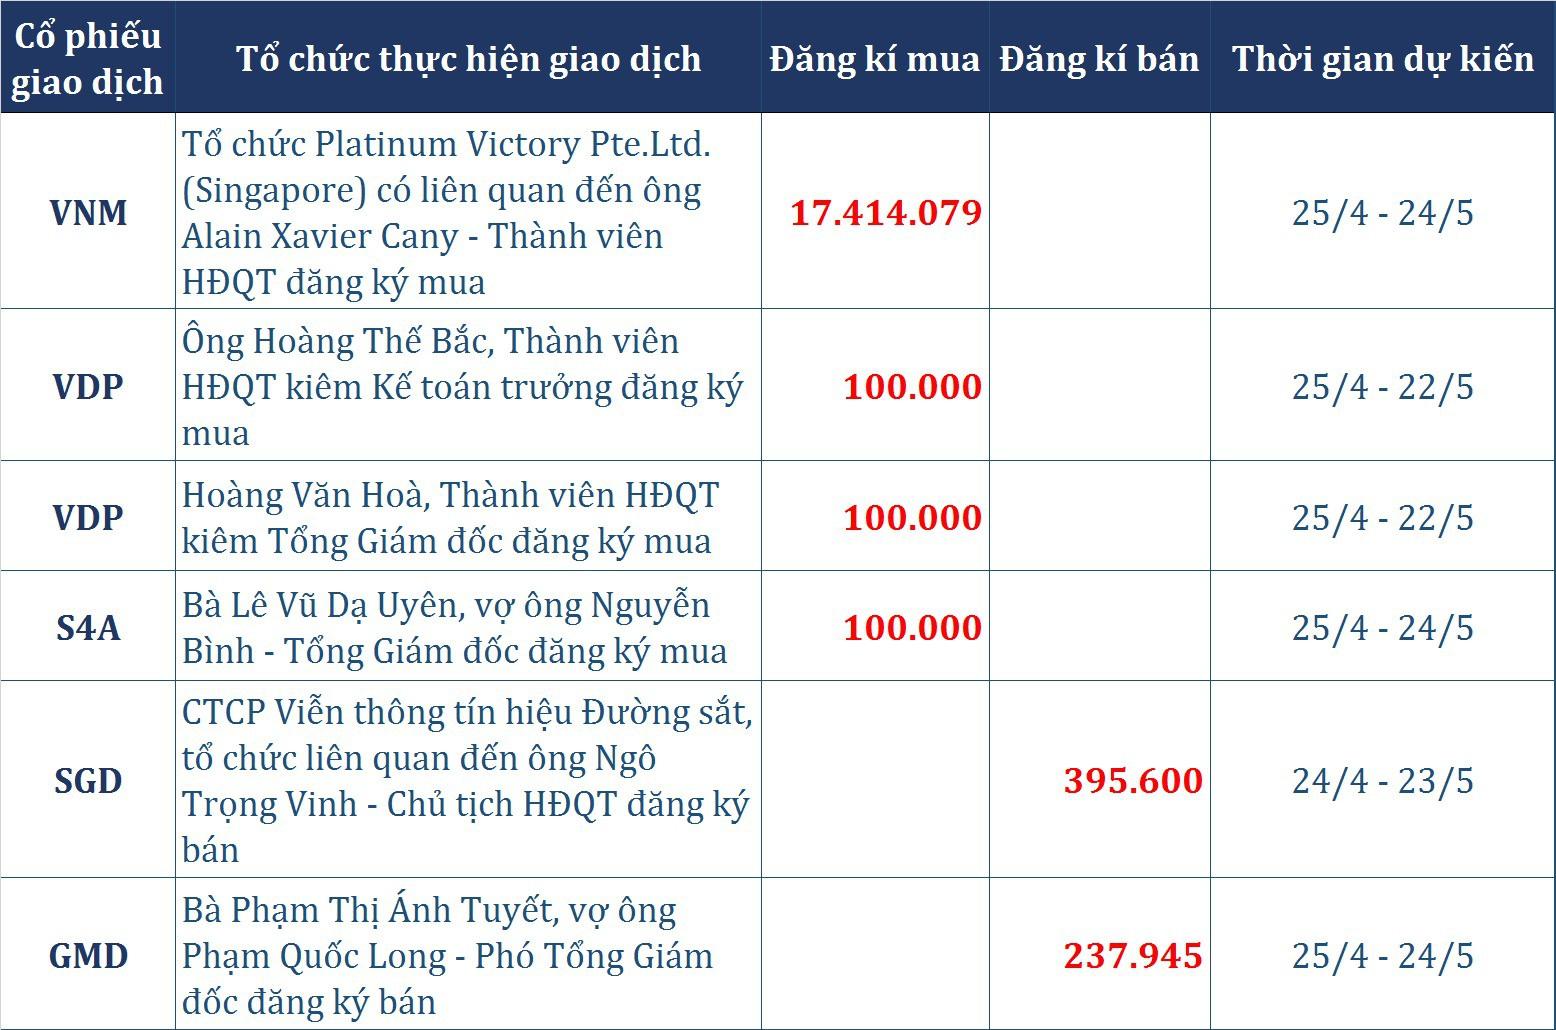 Dòng tiền thông minh (23/4): Cổ phiếu 'họ Vingroup' đỡ chỉ số, tự doanh CTCK và khối ngoại đồng loạt mua ròng  - Ảnh 2.